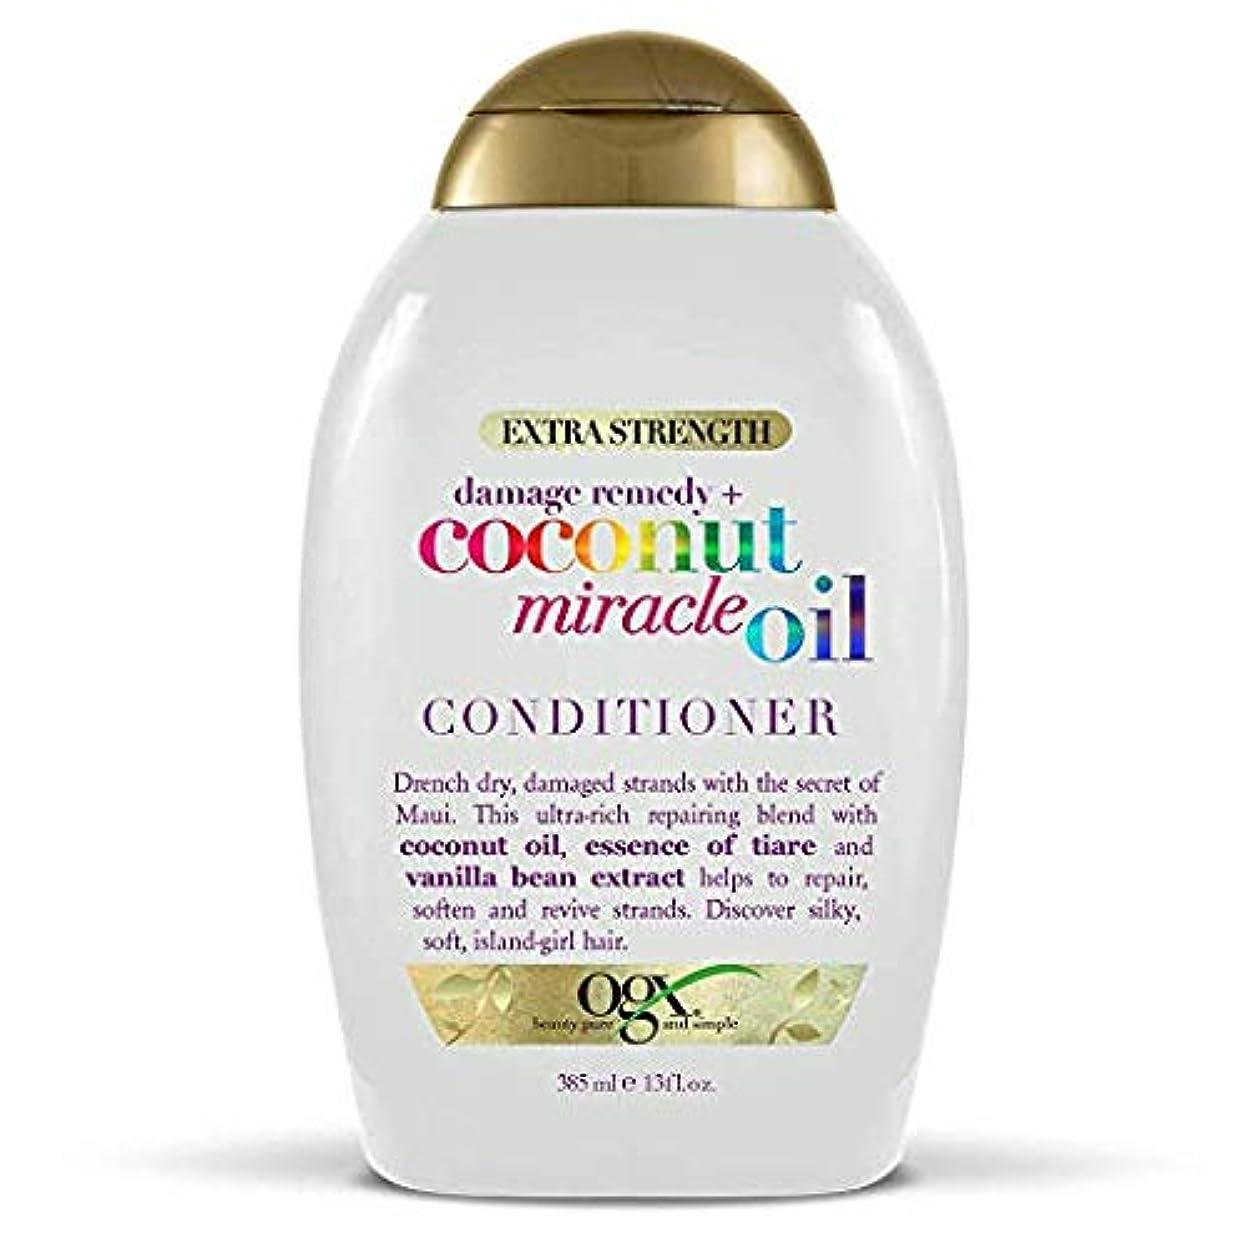 めったに覗く松の木Ogx Conditioner Coconut Miracle Oil Extra Strength 13oz OGX ココナッツミラクルオイル エクストラストレングス コンディショナー 385ml [並行輸入品]